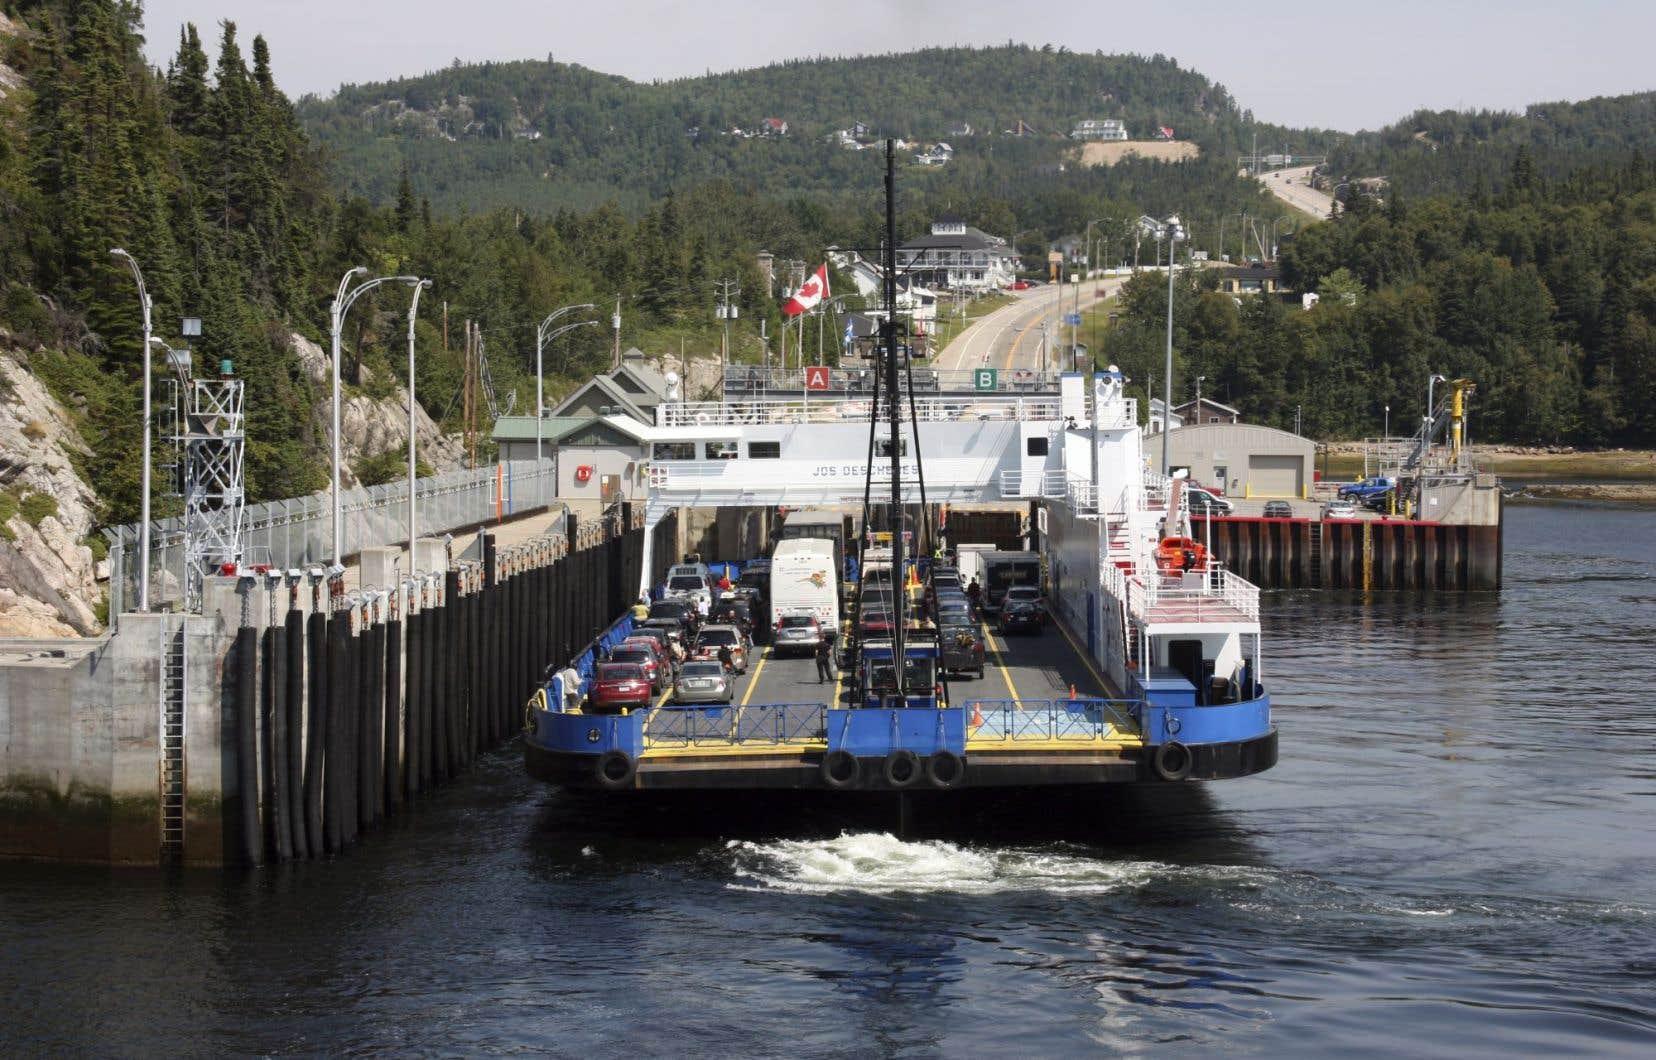 La Société des traversiers du Québec (STQ) souhaite construire une infrastructure « pour l'accostage sécuritaire » des nouveaux bateaux qui feront la navette entre les deux rives du fjord.